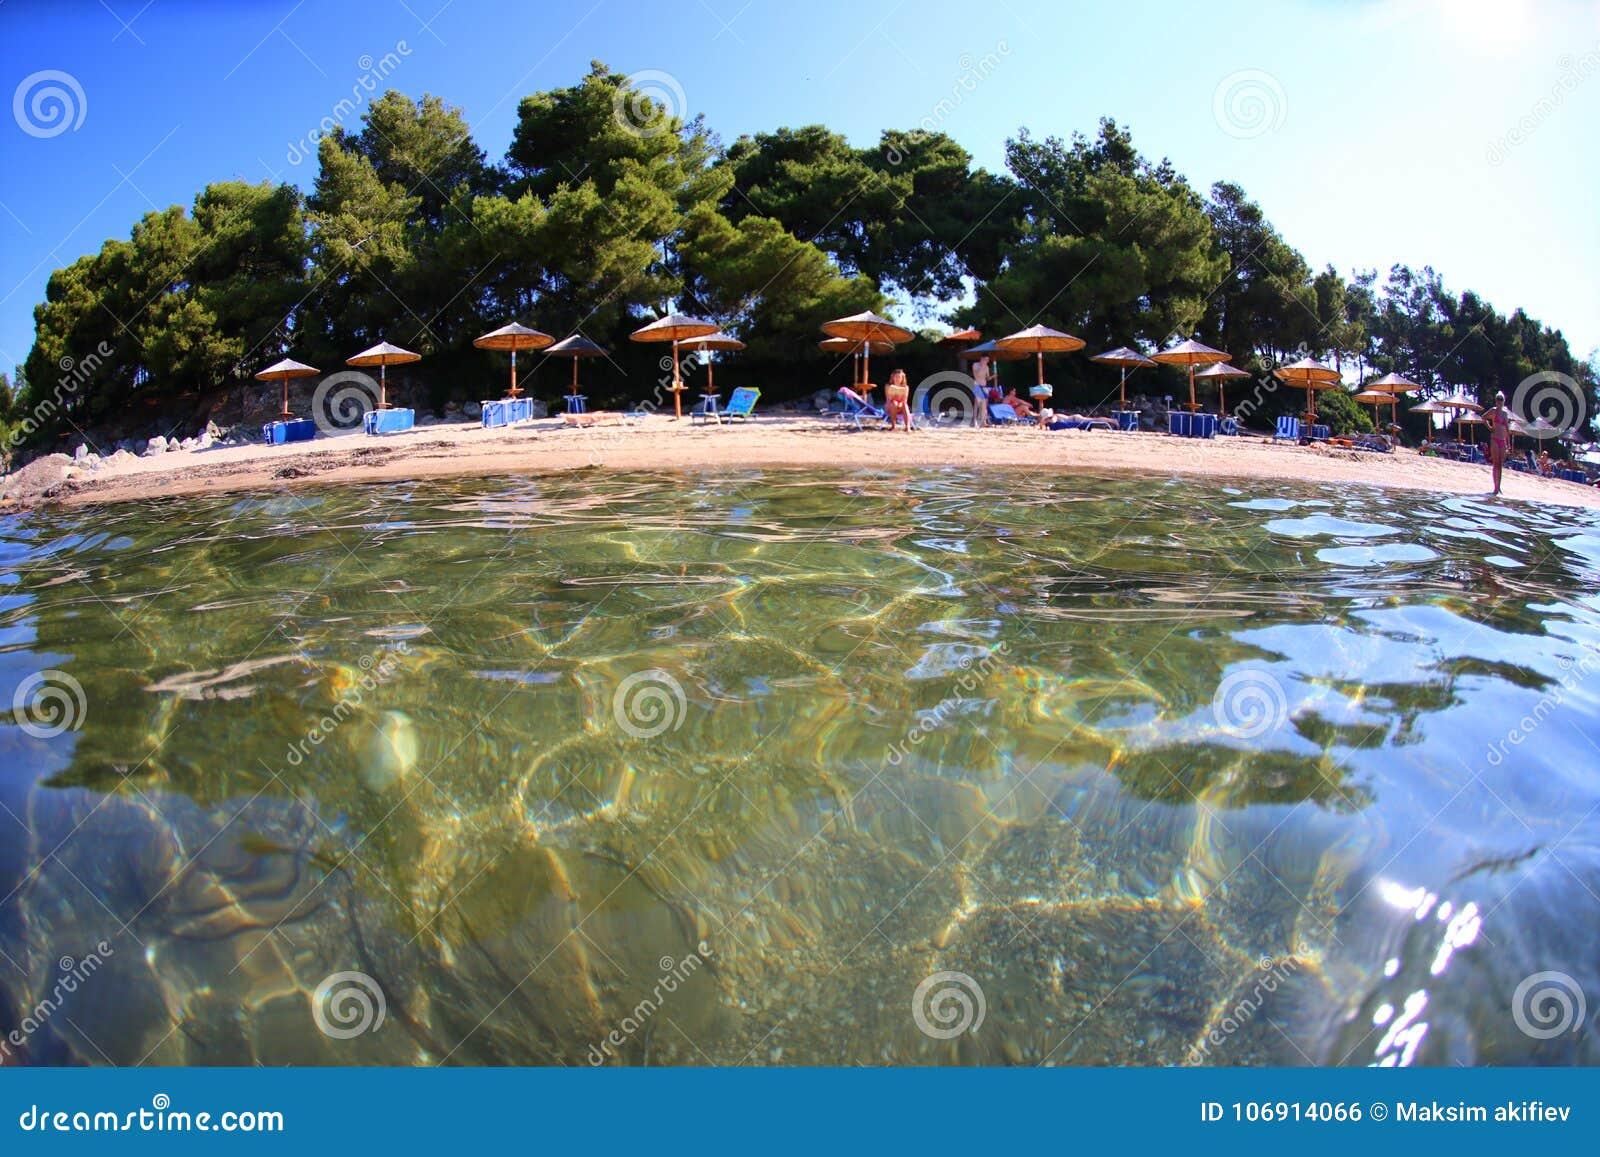 Iglasta plaża z parasolami w Halkidiki